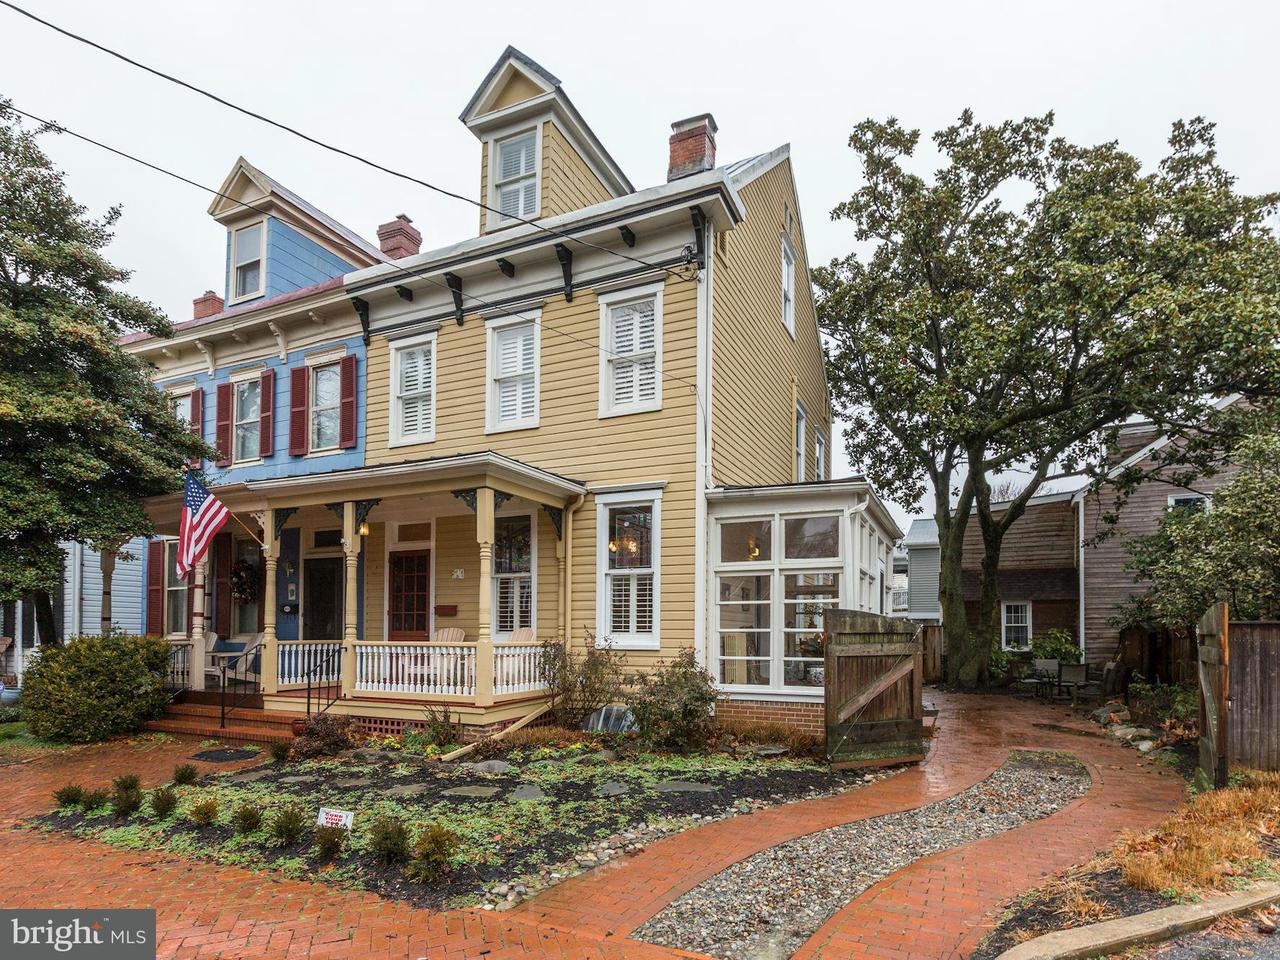 Casa unifamiliar adosada (Townhouse) por un Venta en 262 KING GEORGE Street 262 KING GEORGE Street Annapolis, Maryland 21401 Estados Unidos